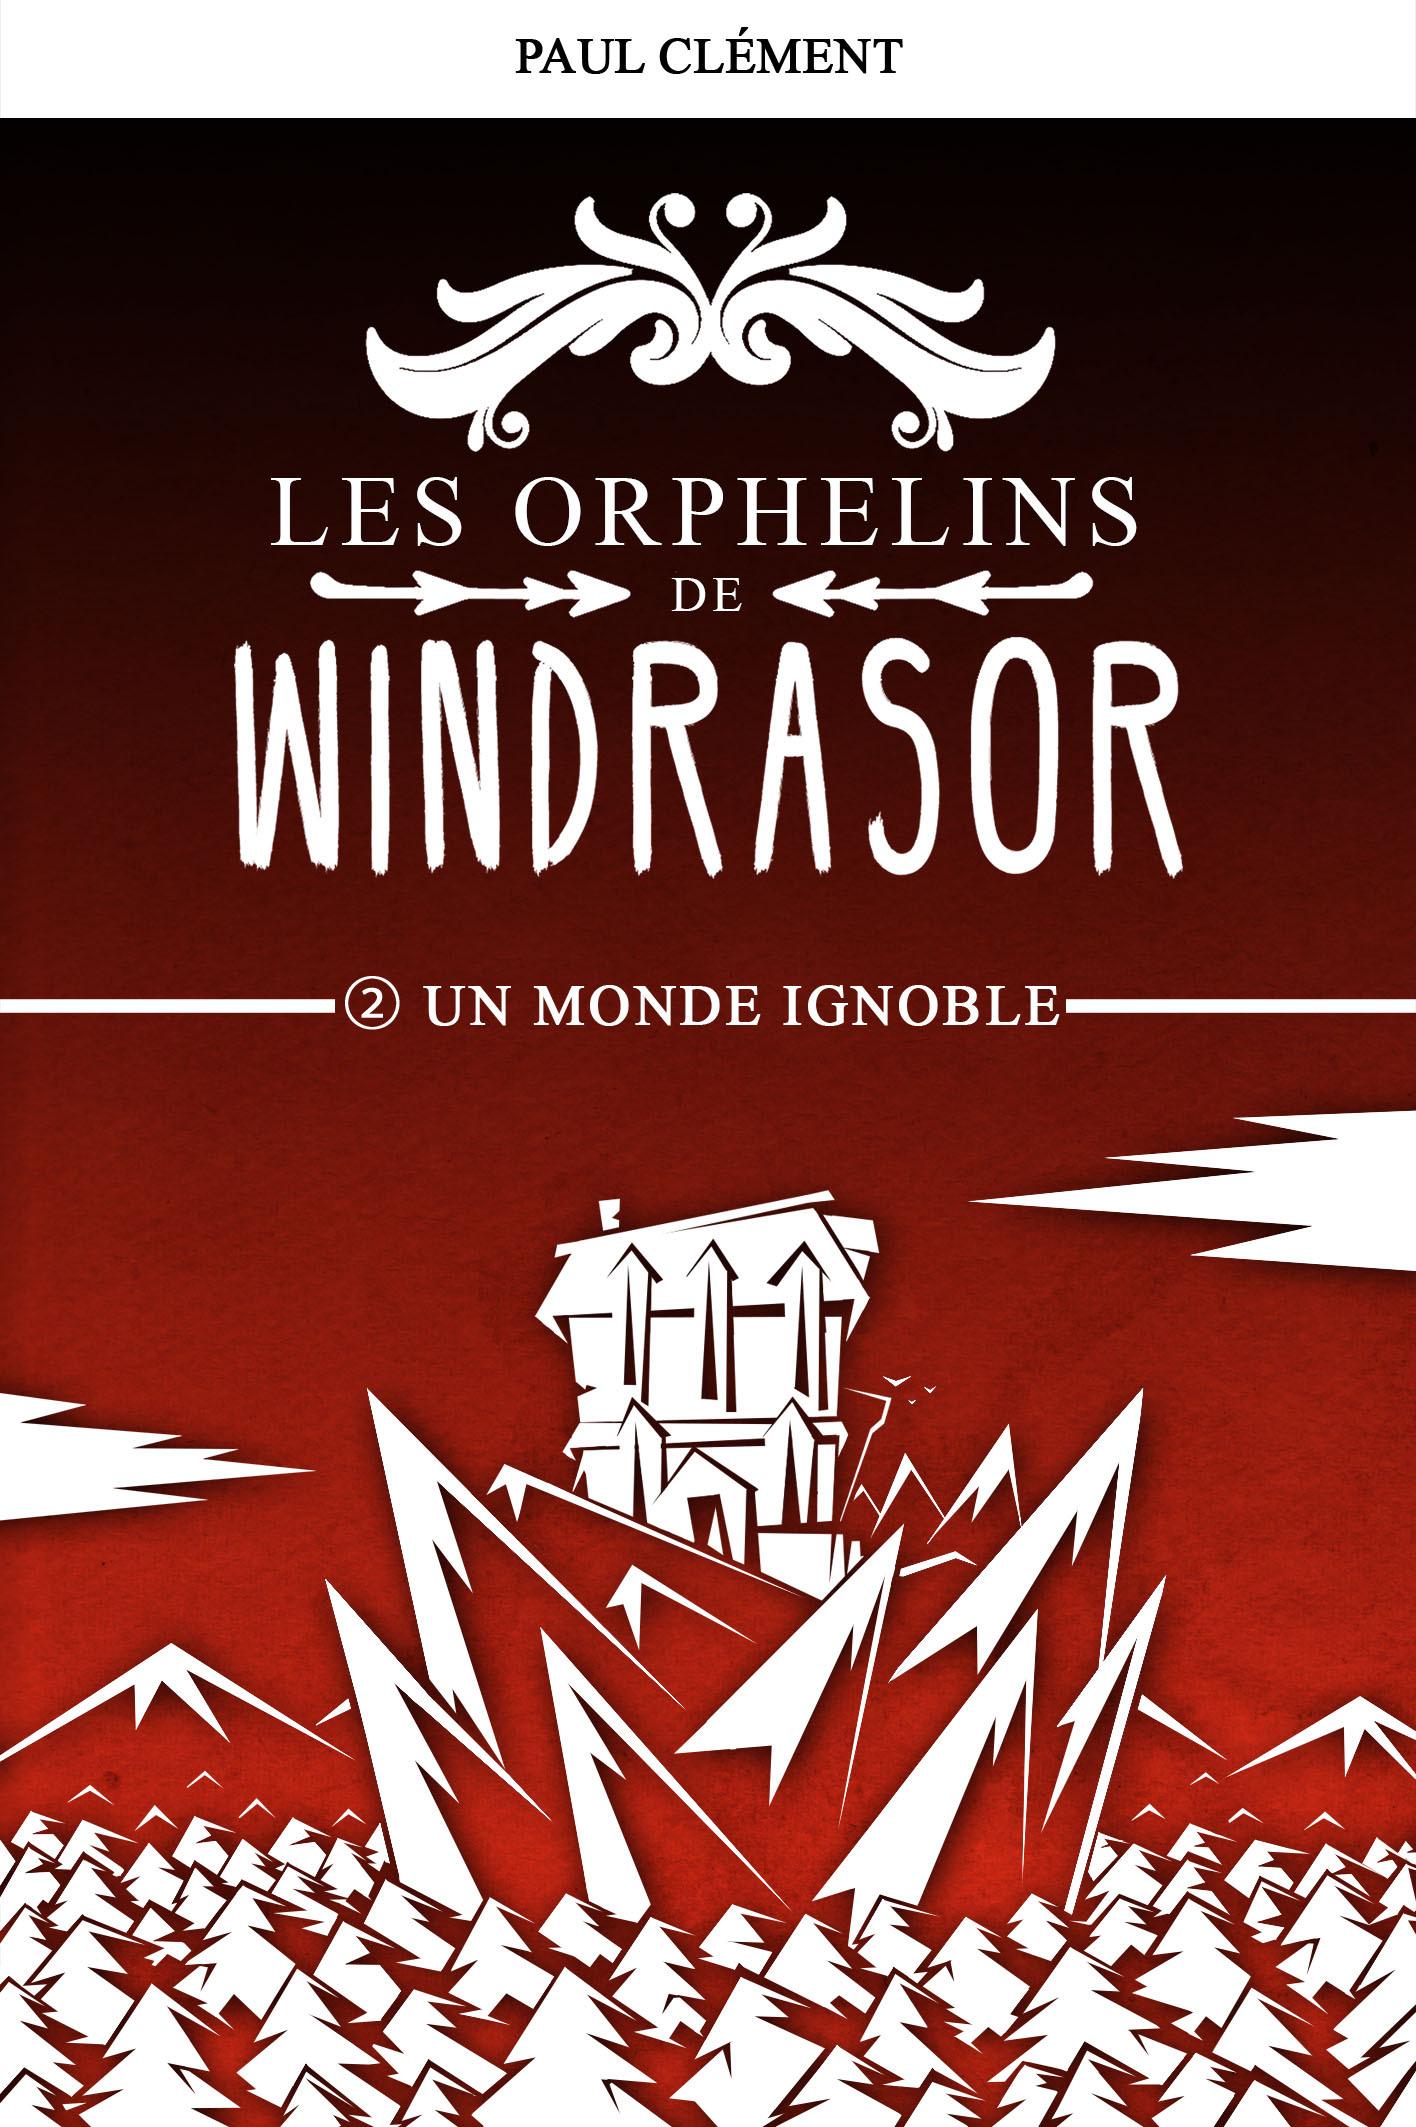 UN MONDE IGNOBLE (LES ORPHELINS DE WINDRASOR EPISODE 2)